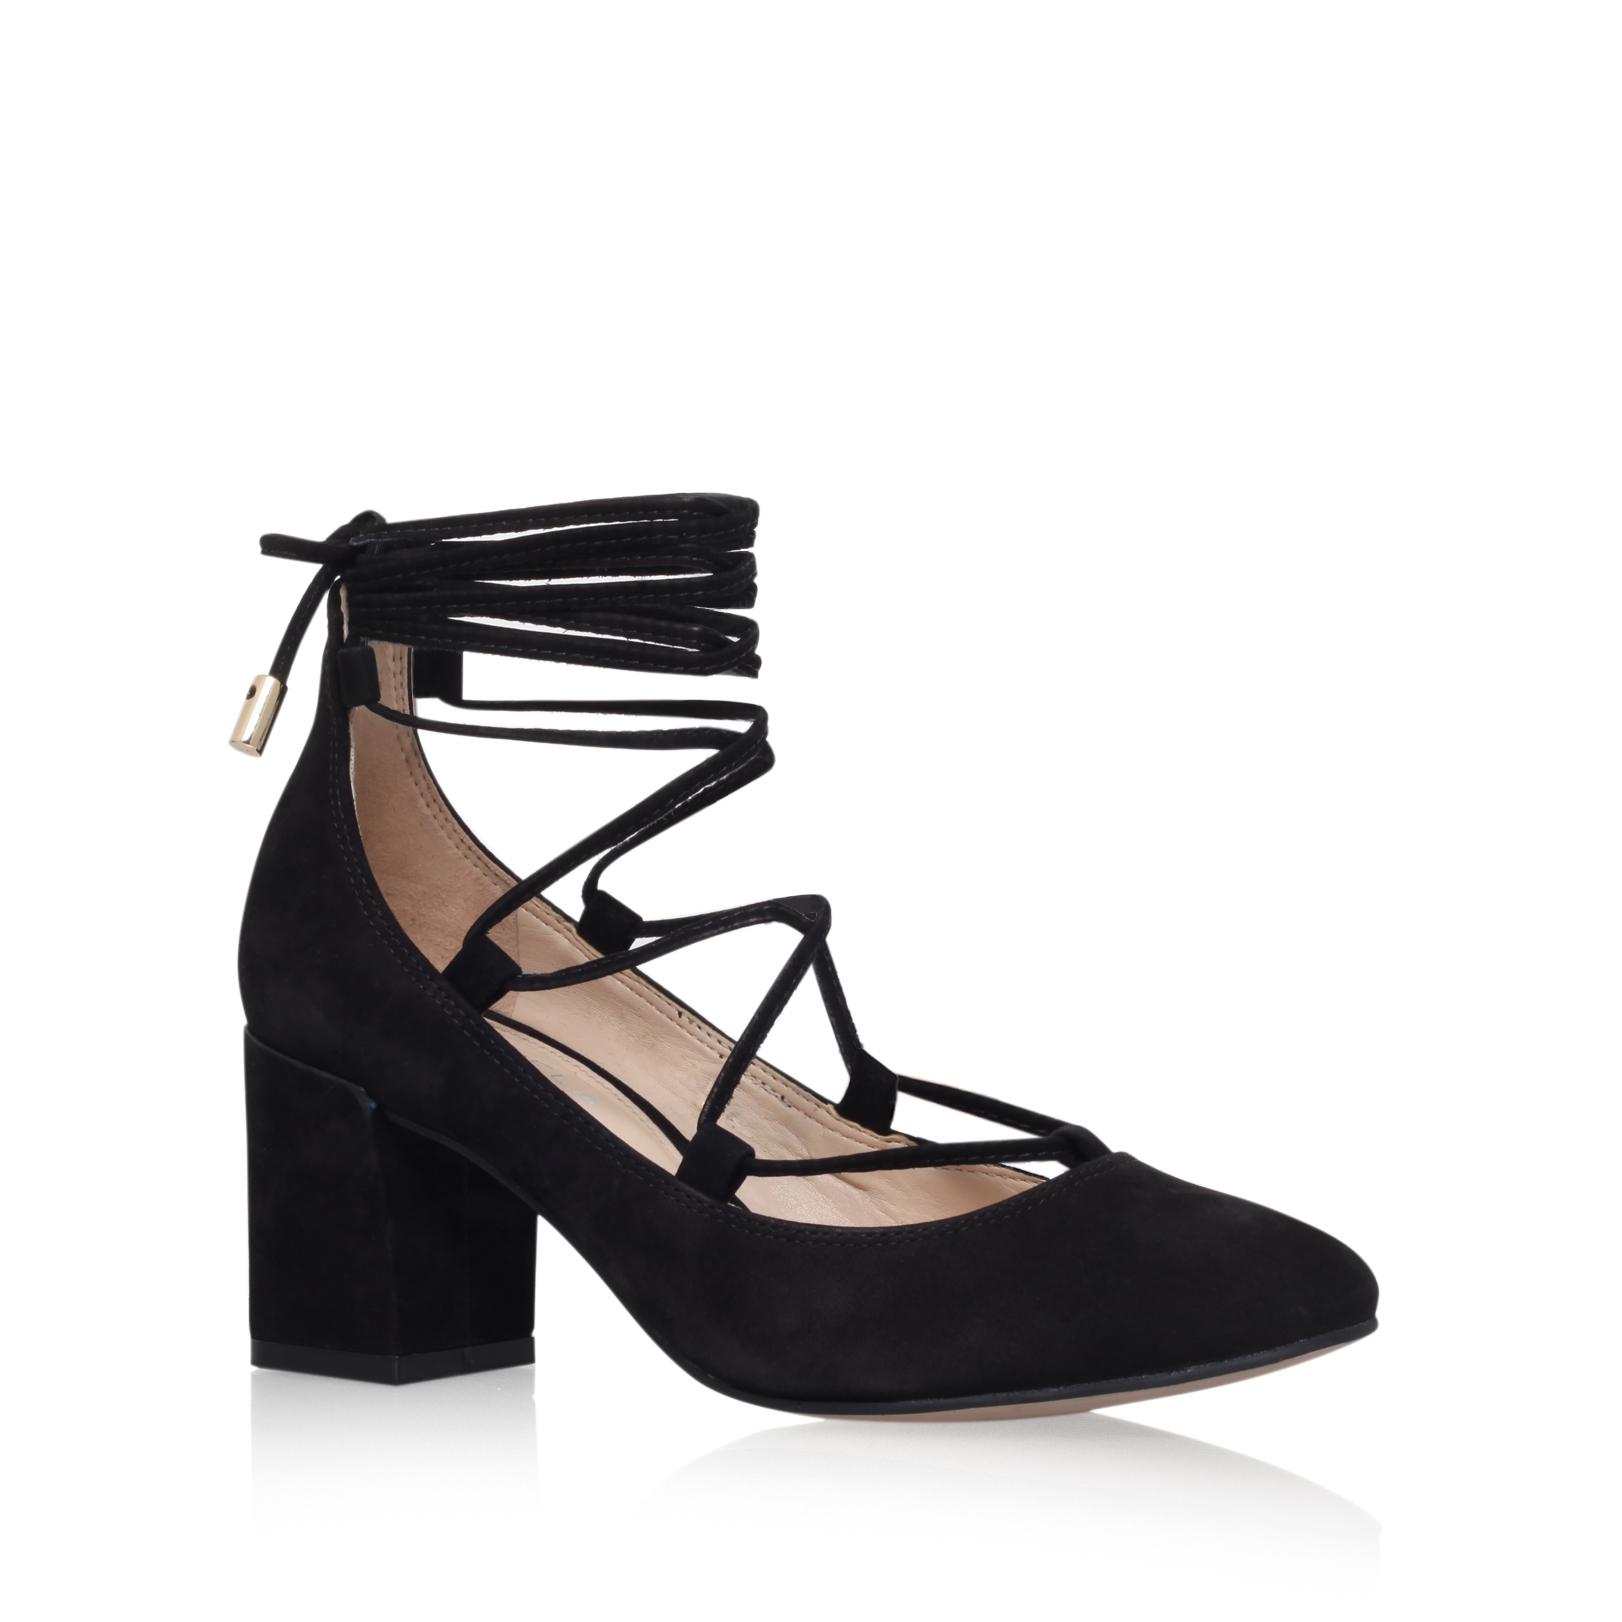 Carvela Court Shoes Uk